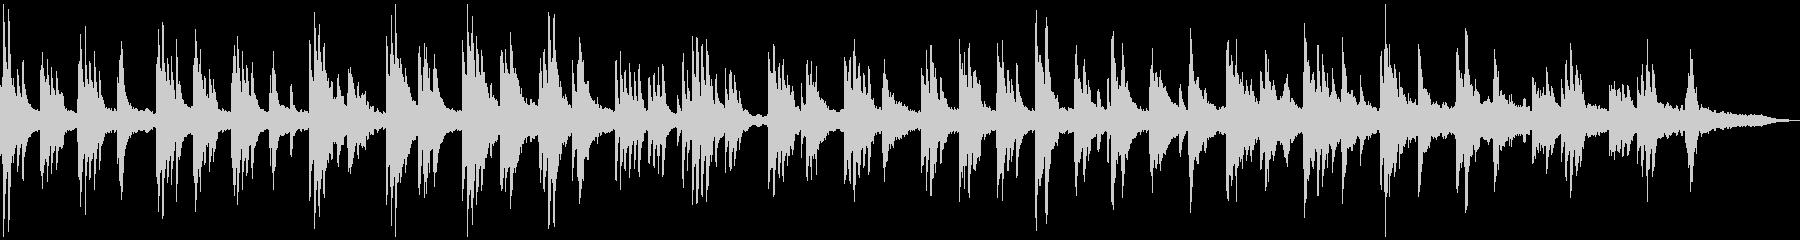 ピアノによる美しい癒しのヒーリング曲の未再生の波形